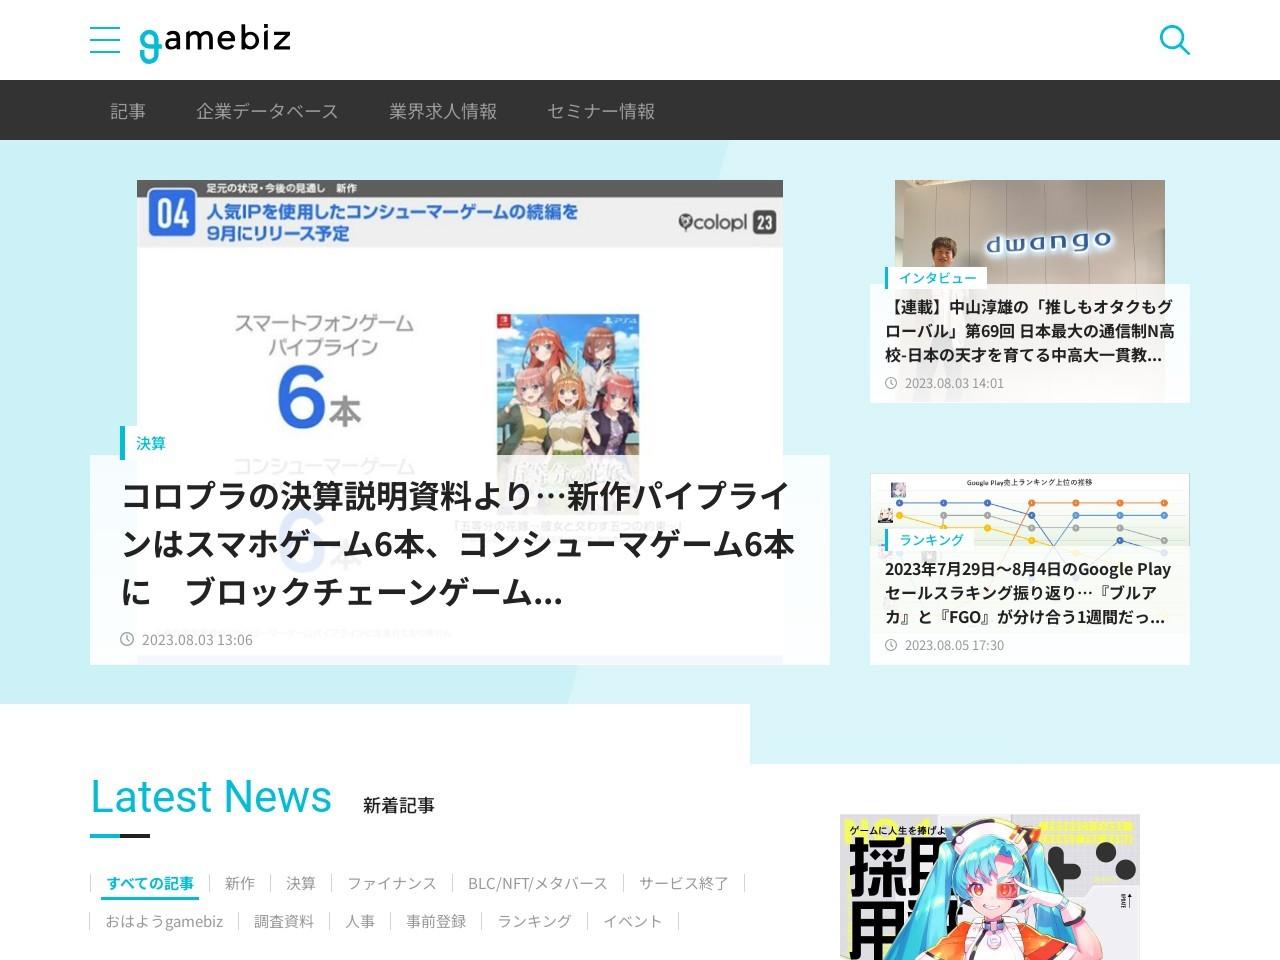 バンナム、『ミリシタ』でイベント「プラチナスターシアター~成長Chu→LOVER!!~」を開始! SR「望月杏奈 …